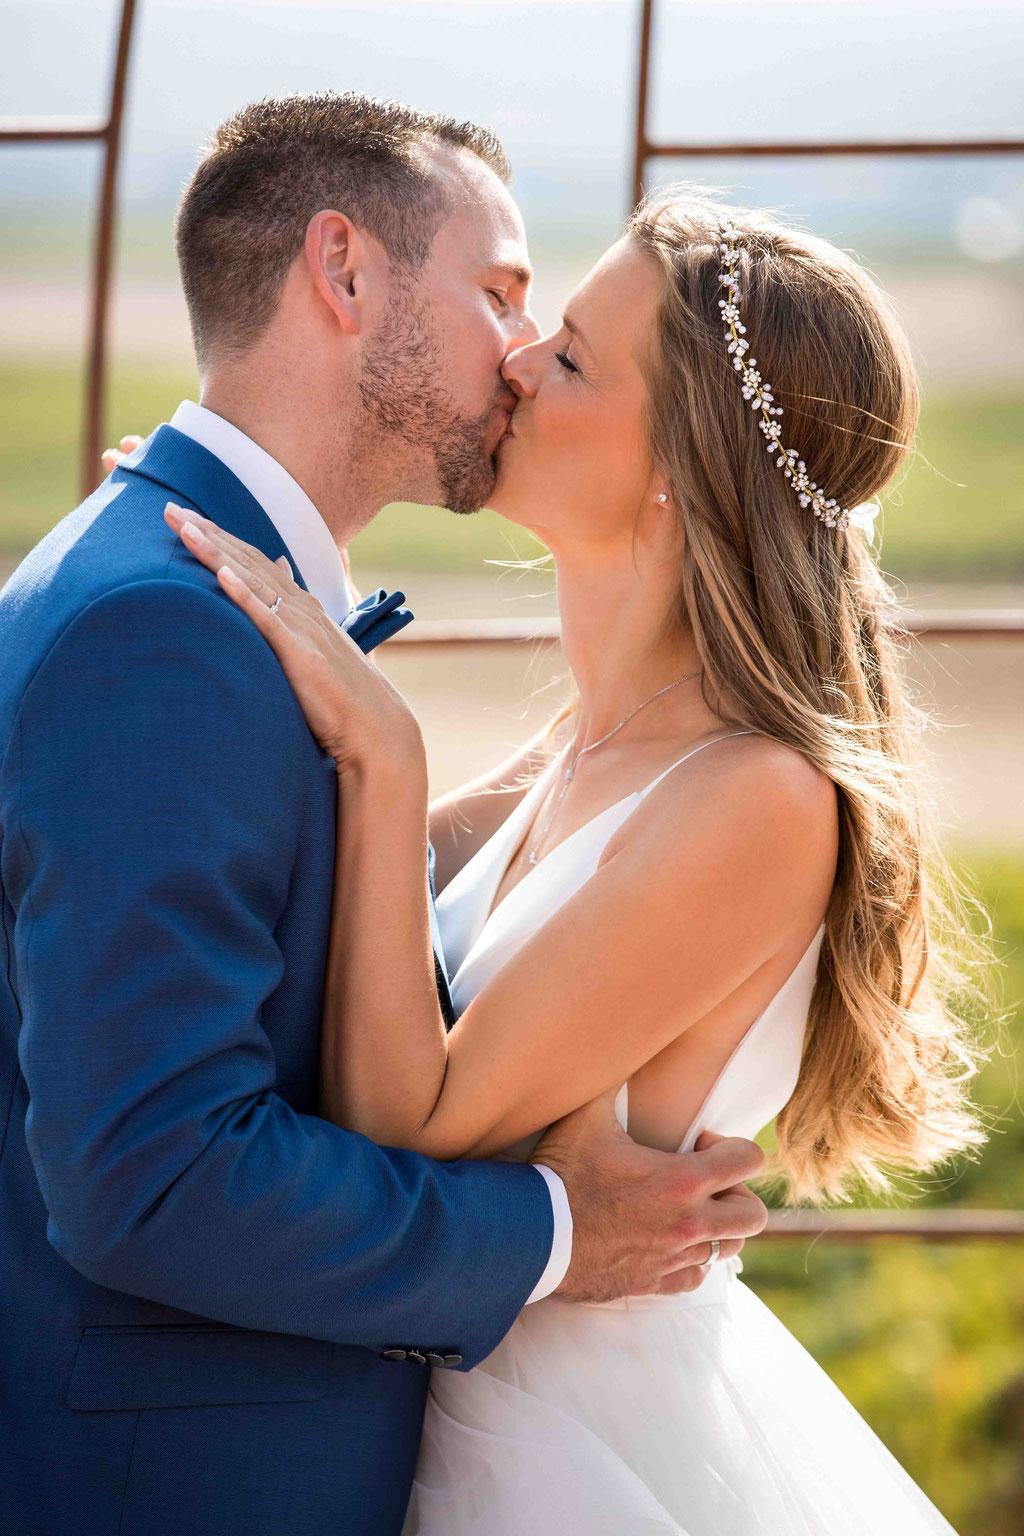 Hofgut Donnersberg, Außerhalb 3, 55578 Vendersheim, Hochzeitsfotograf, Hochzeitsbilder, Hochzeitsfoto, erste Kuss bei der freien Trauung